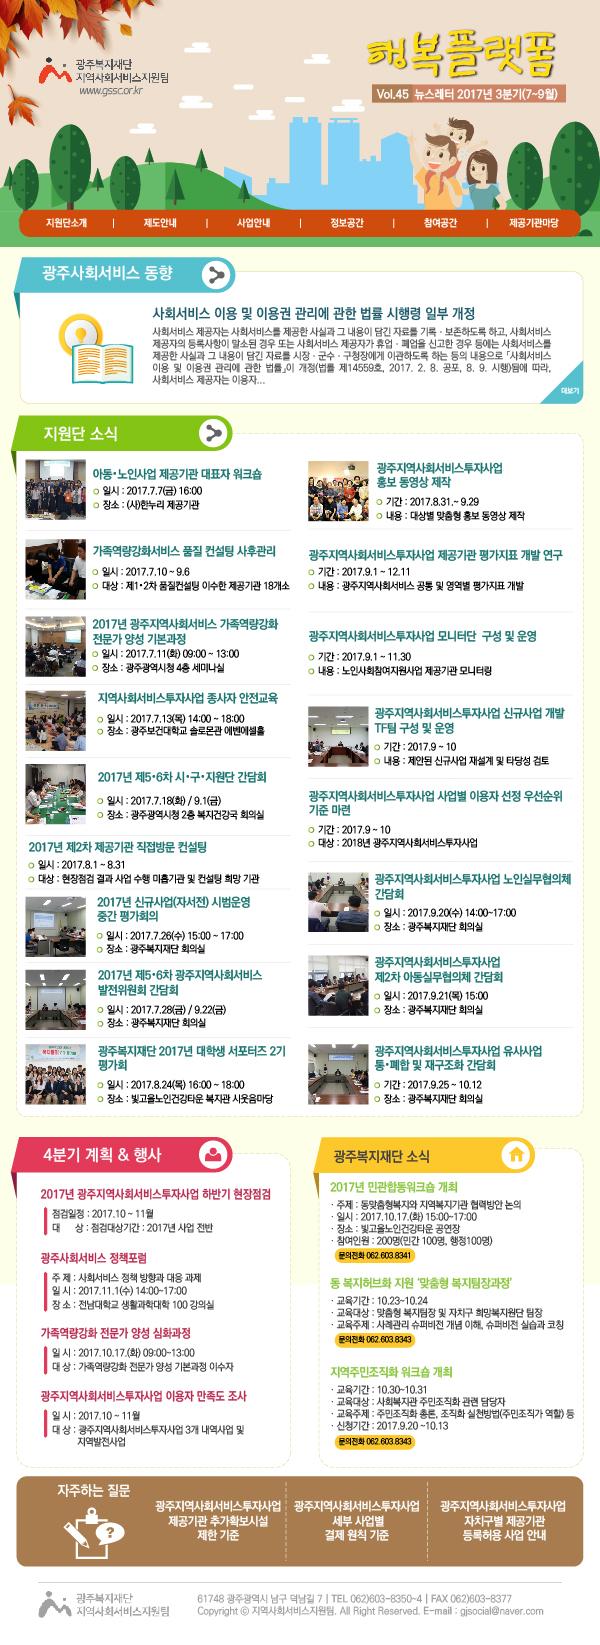 광주복지재단 지역사회서비스지원팀 행복플랫폼 45호 썸네일